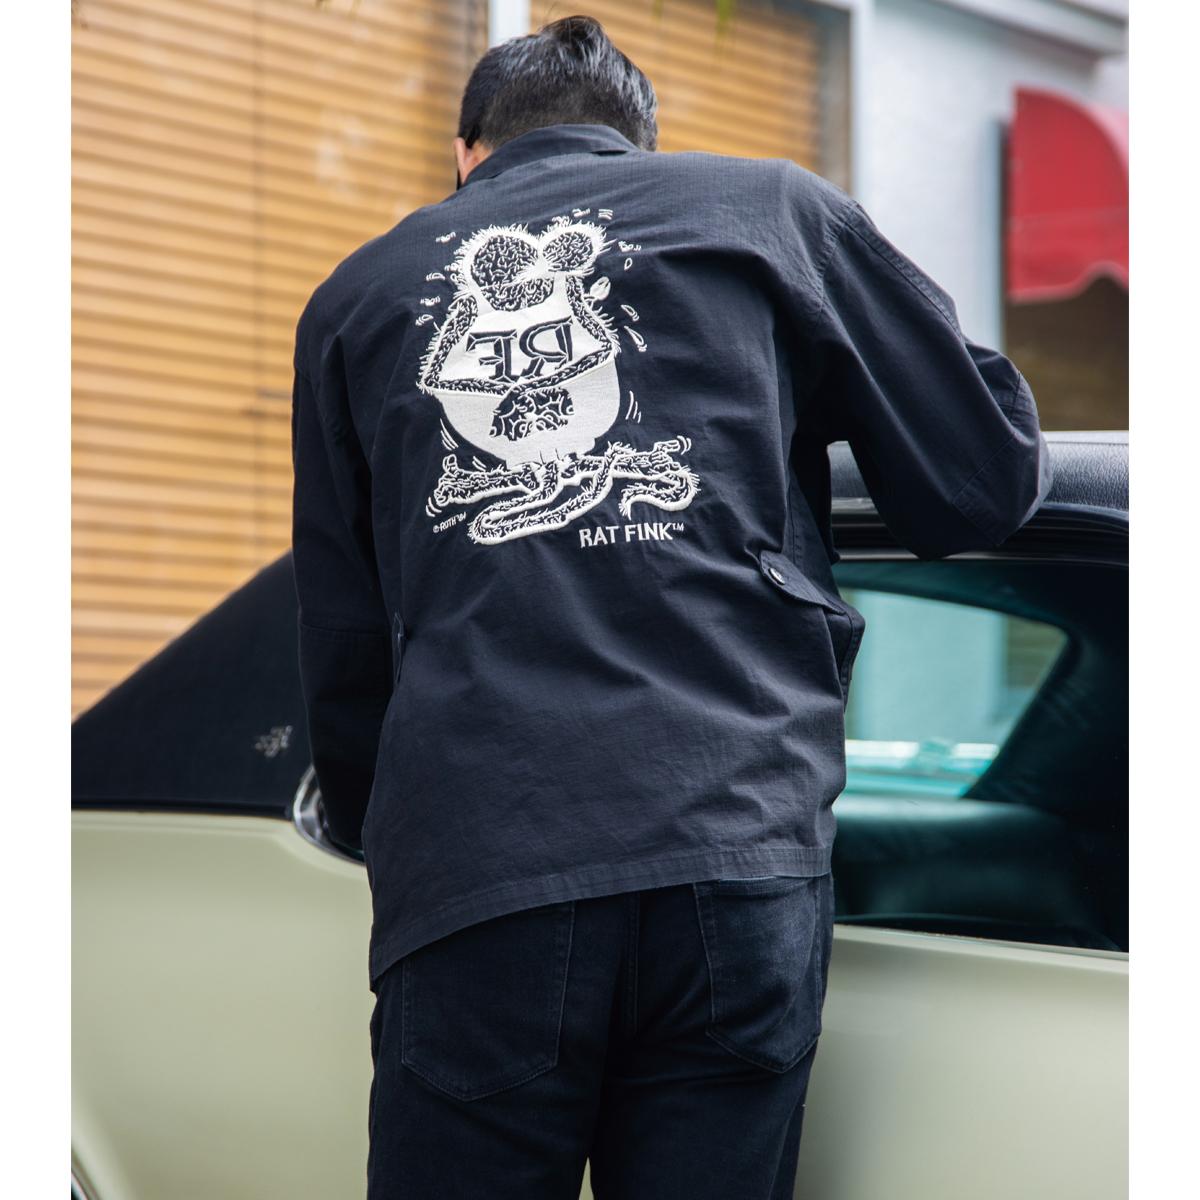 ムーンアイズ ラットフィンク ジャケット 刺繍 BDUジャケット 上着 アウター メンズ レディース 【30%OFF】Rat Fink Embroidery BDU ジャケット